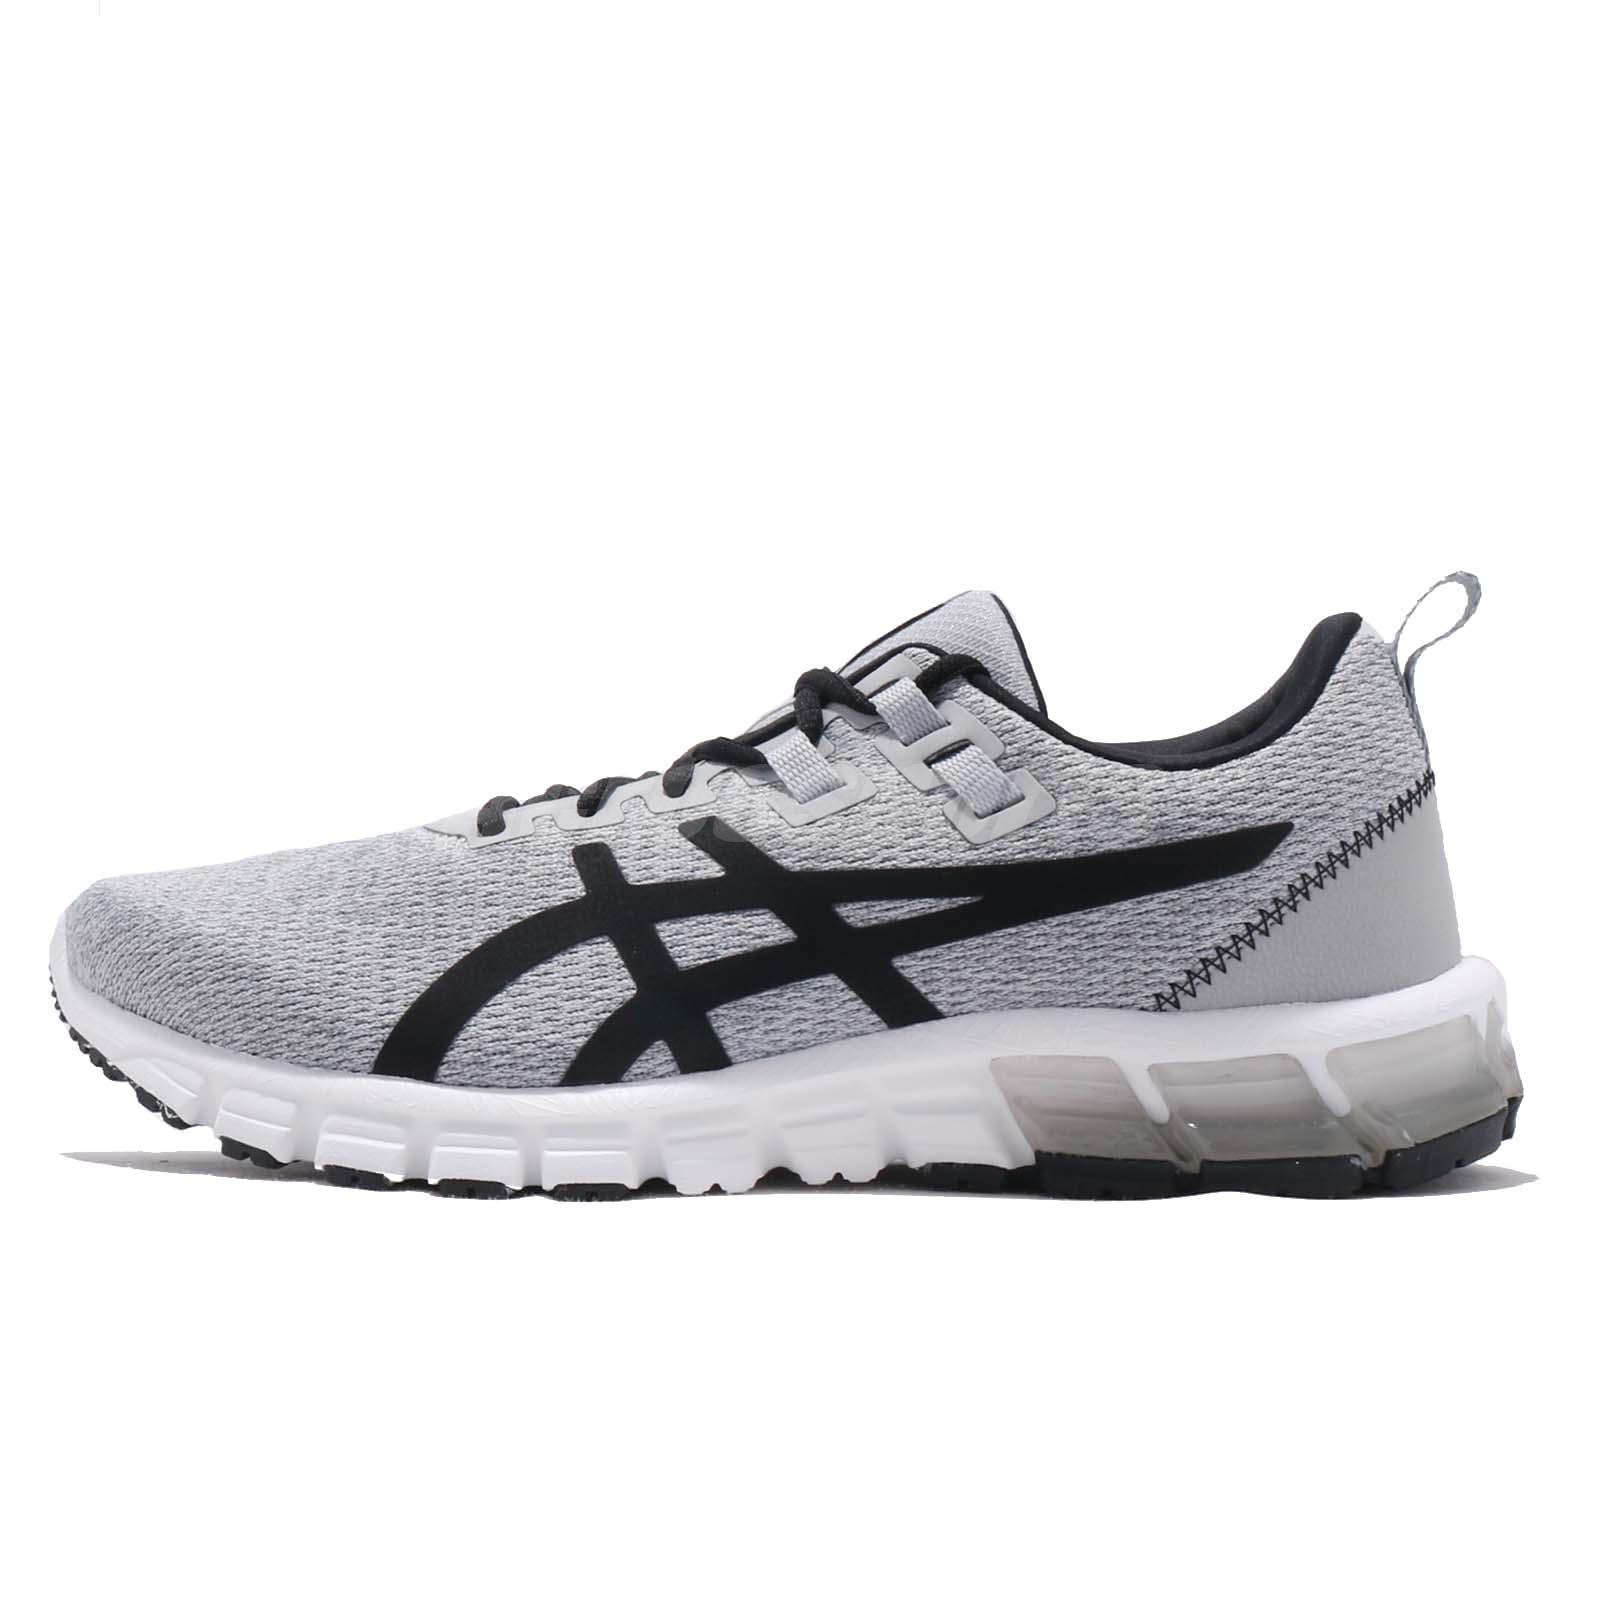 descanso Prevención Exitoso  Asics Gel Quantum 90 Grey Black White Men Running Shoes Sneakers 1021A123-020  | eBay